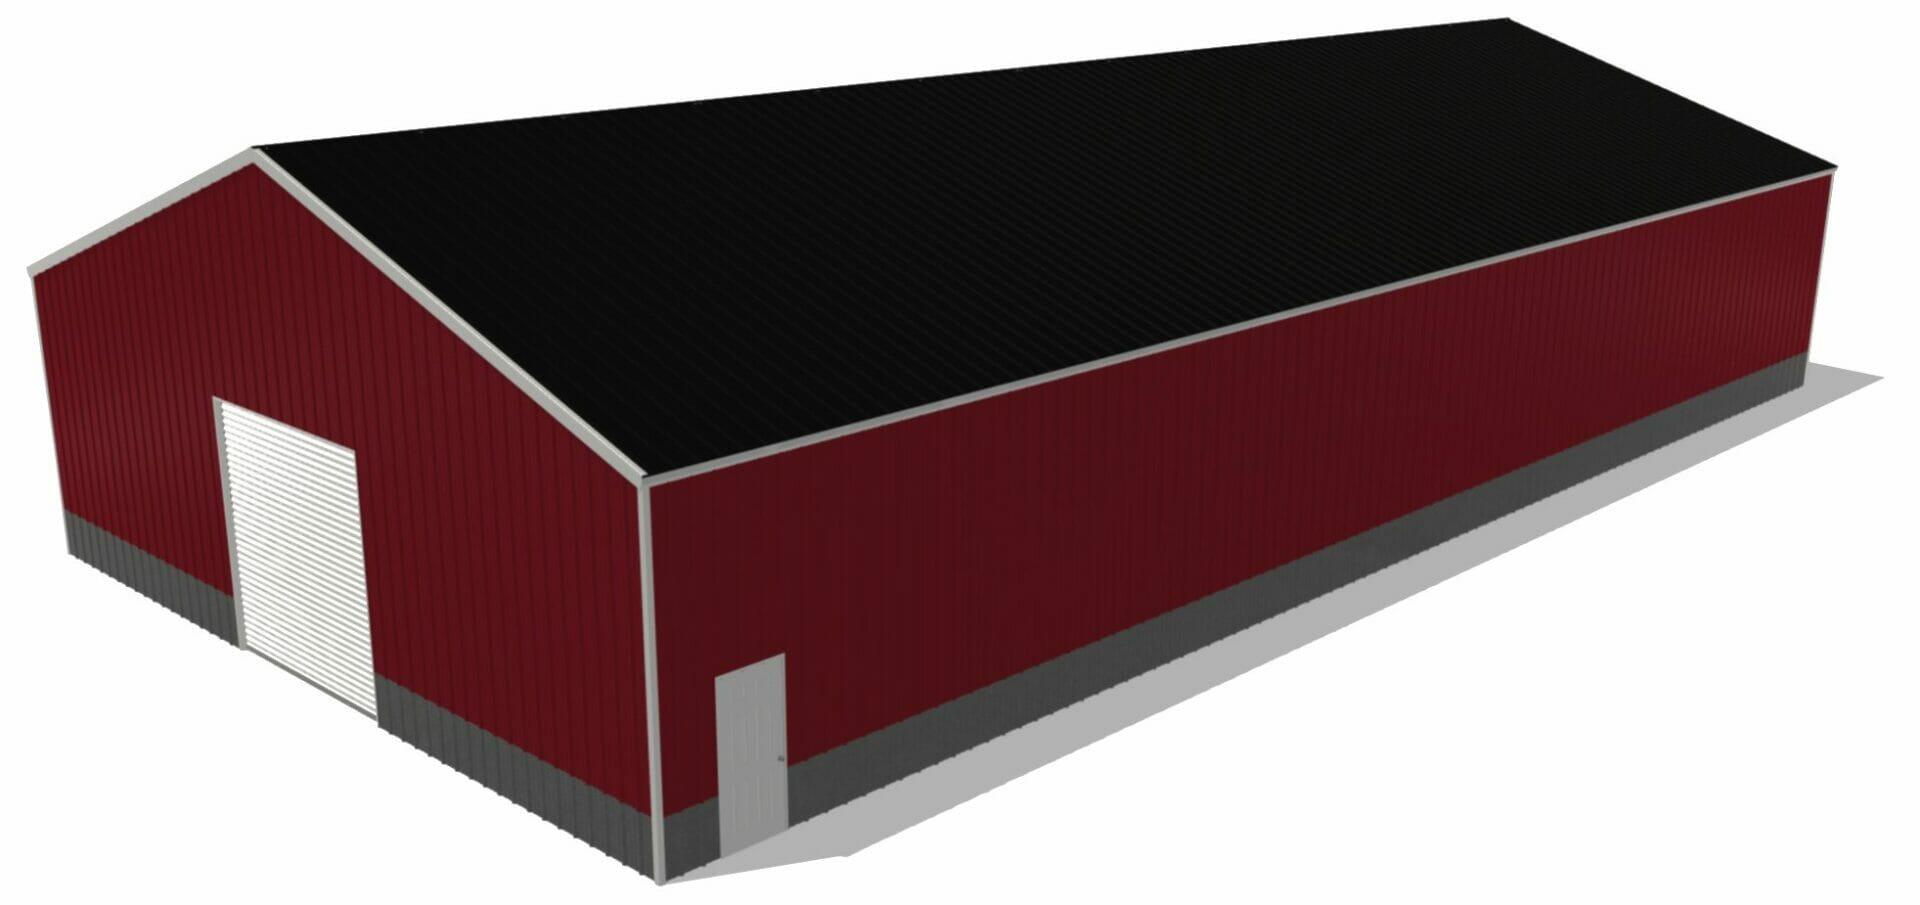 Red 50 by 100 Steel Building With One 10x10 Door And one Standard Walk In Door